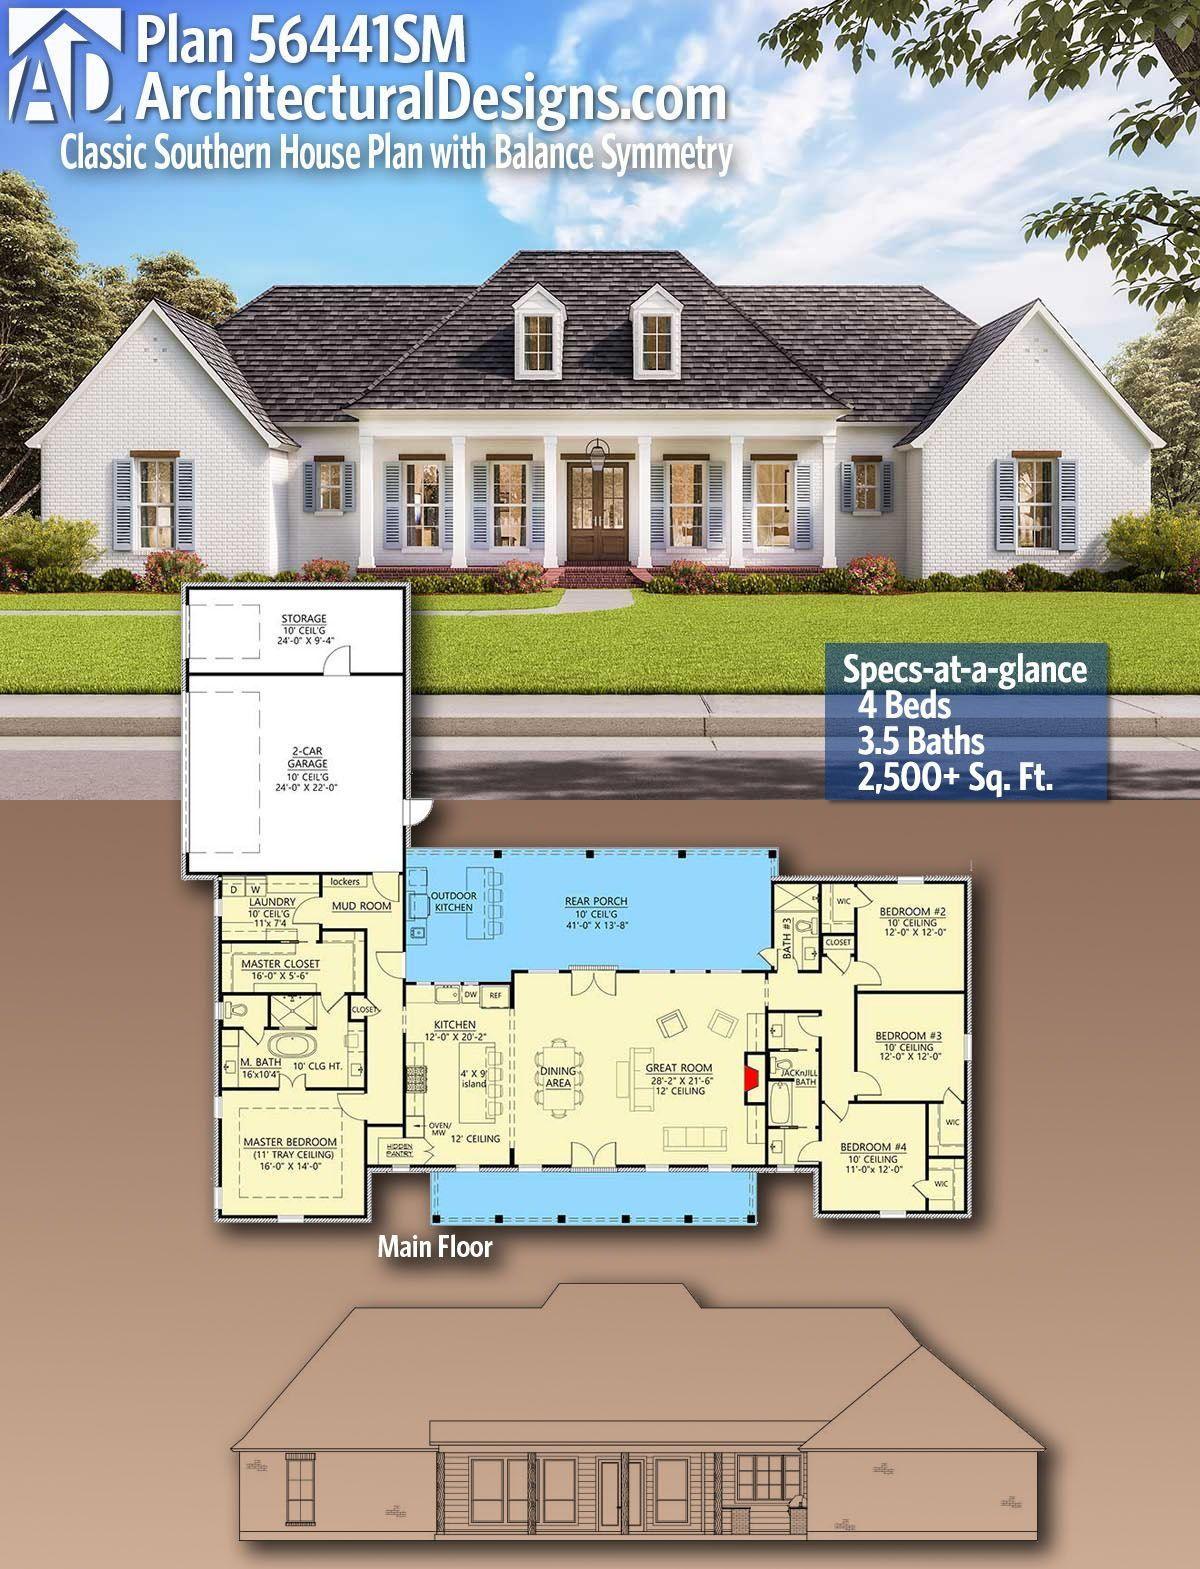 Architectural Design Home Floor Plans 2021 Di 2020 Arsitektur Desain Rumah Rumah